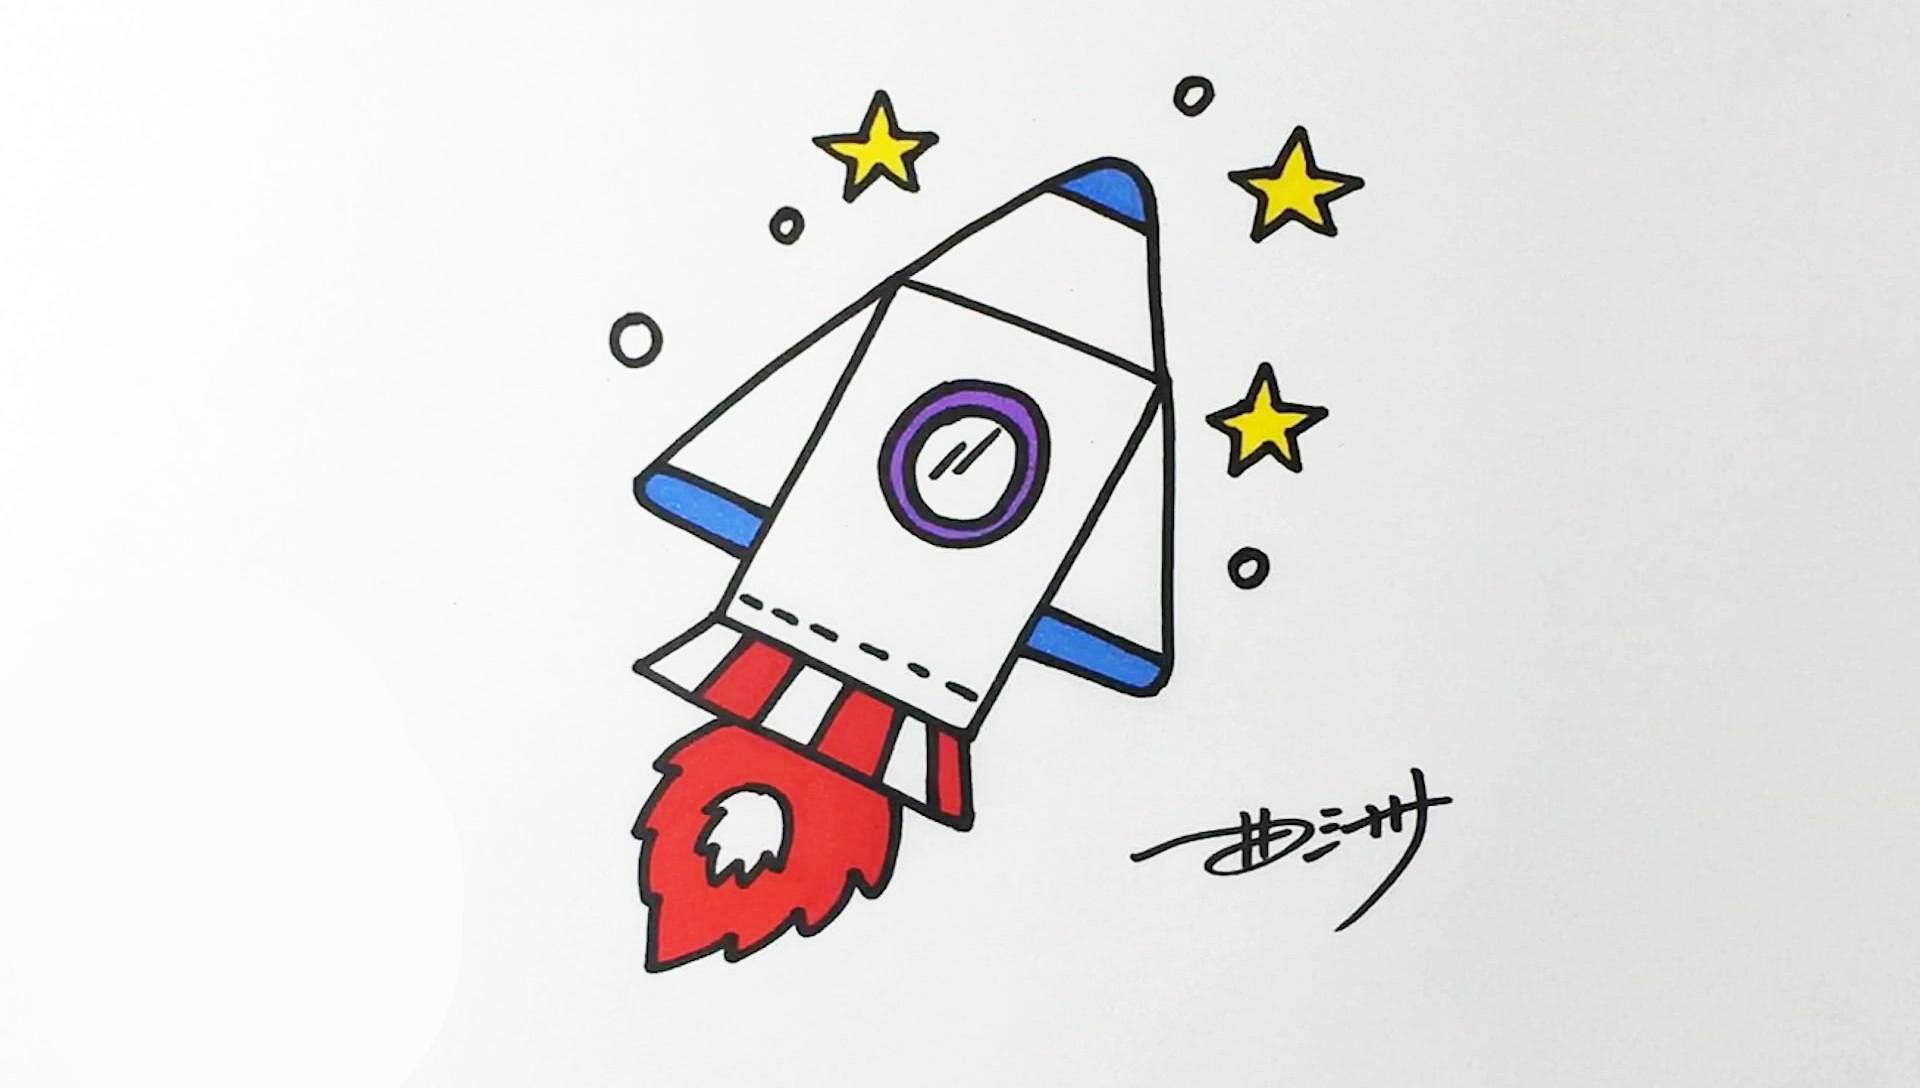 画卡通 幼儿的简笔画系列 神舟飞船